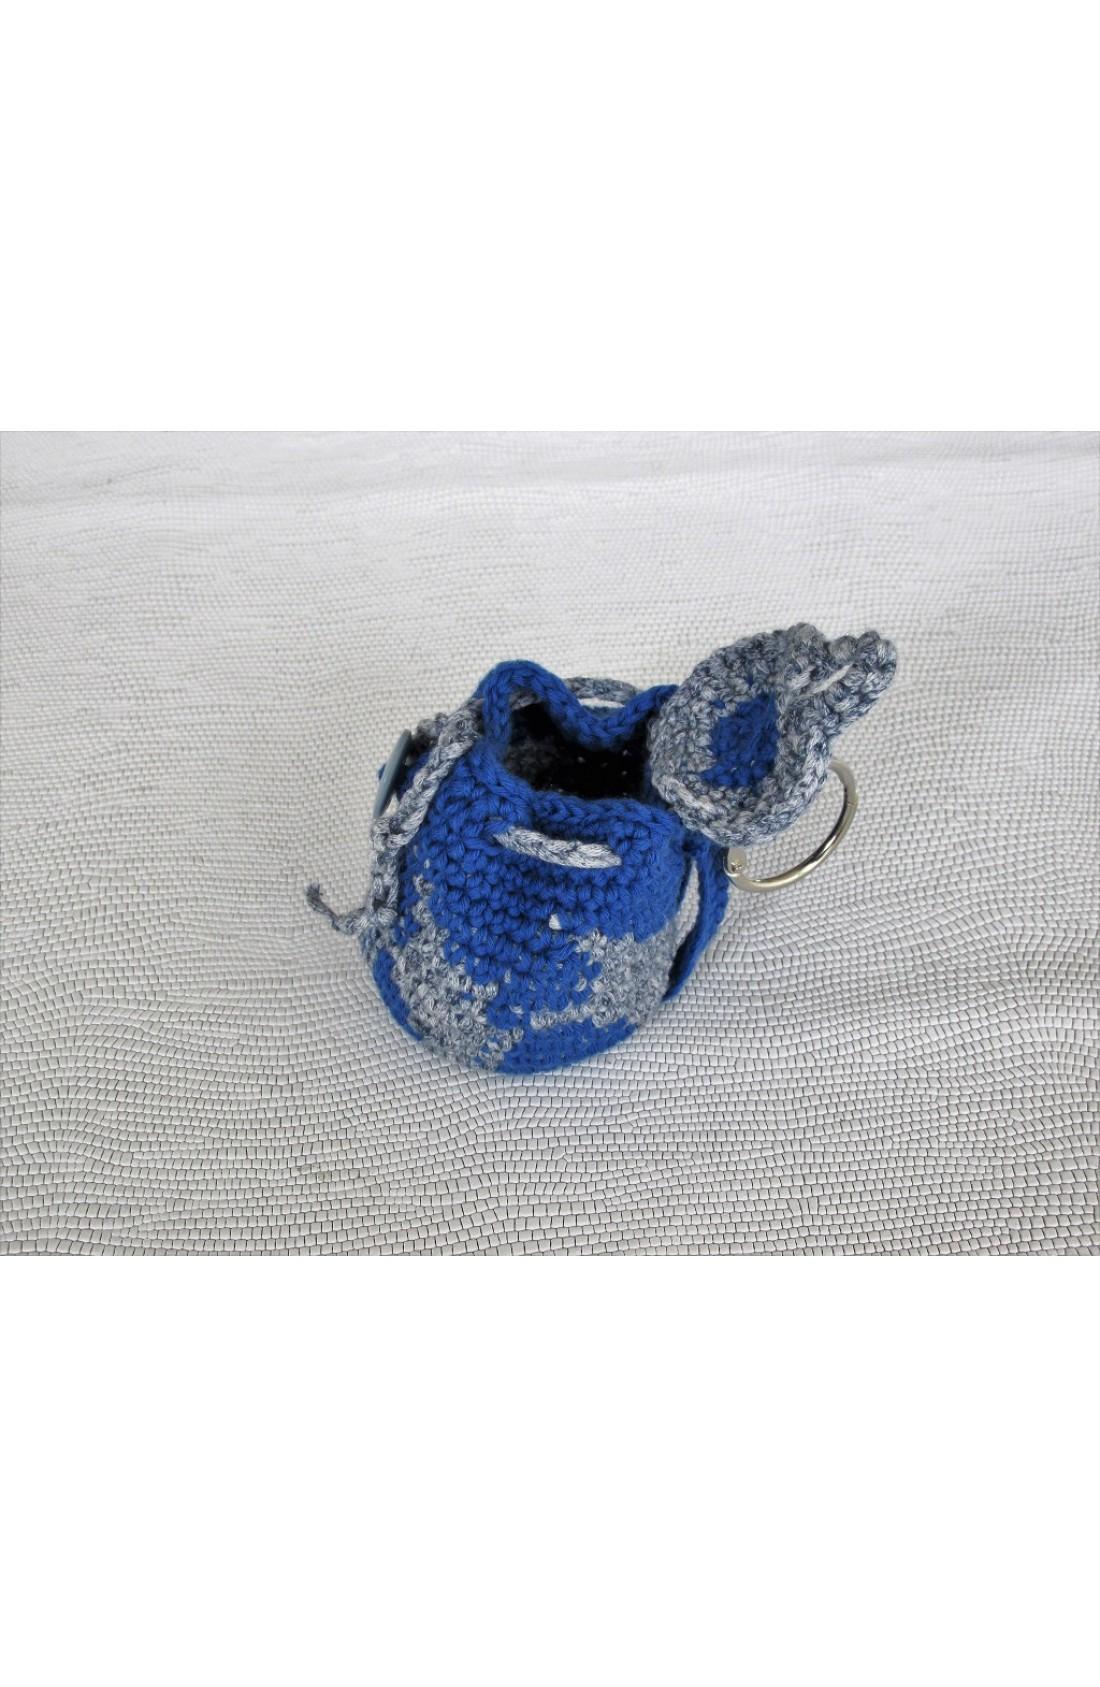 PORTACHIAVI ZAINETTO blu-grigio (2)